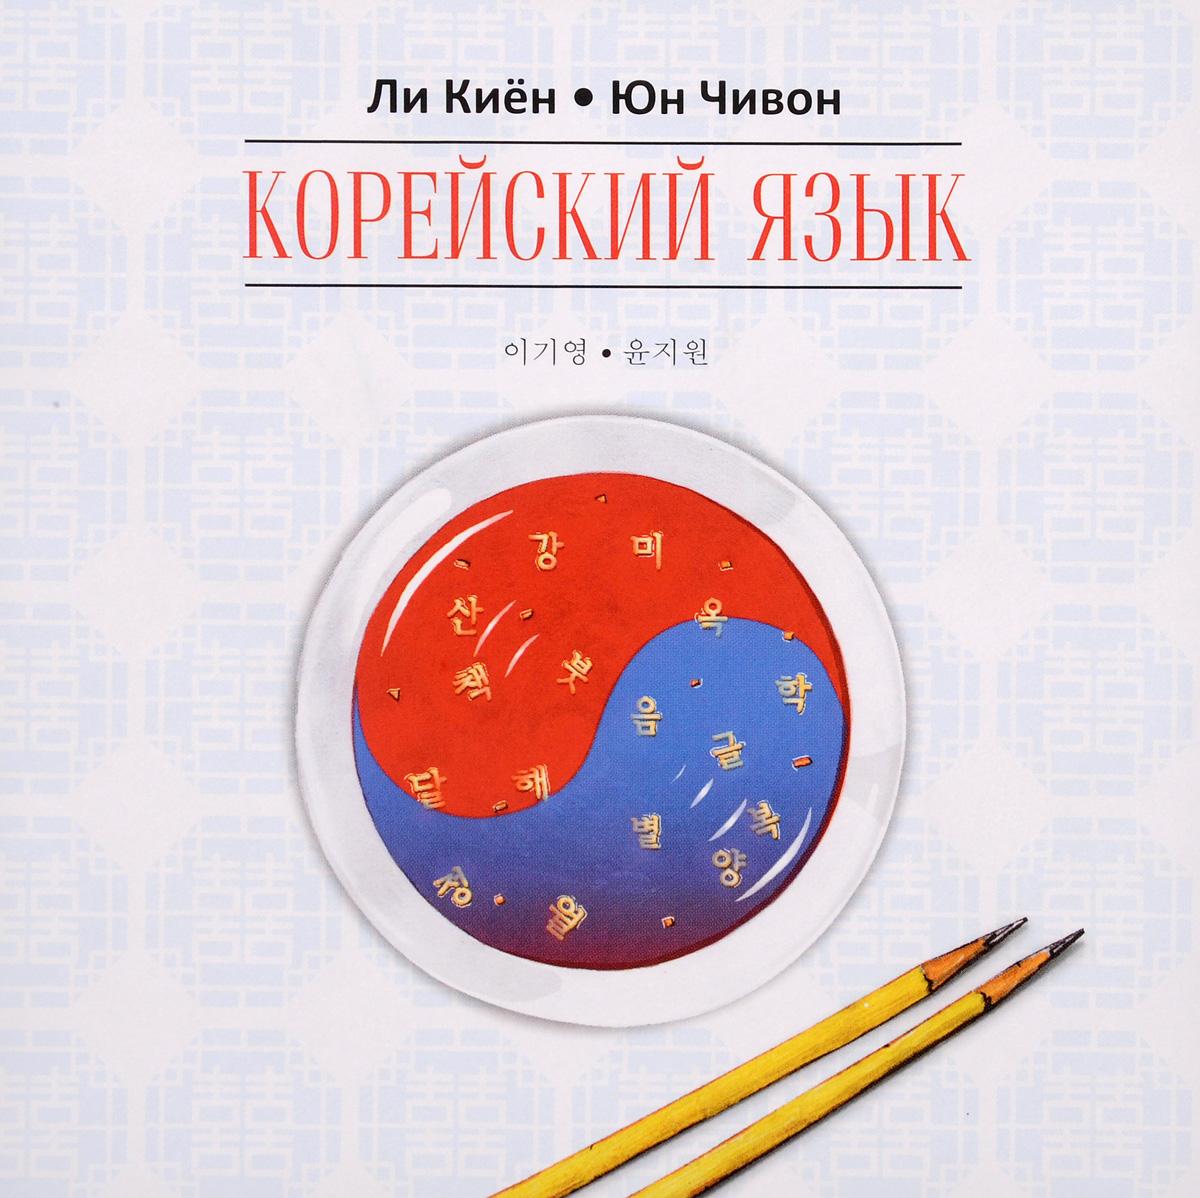 Корейский язык. Ступень 1. Курс для самостоятельного изучения для начинающих (аудиокурс MP3 на CD) ( 978-5-9925-1094-2 )